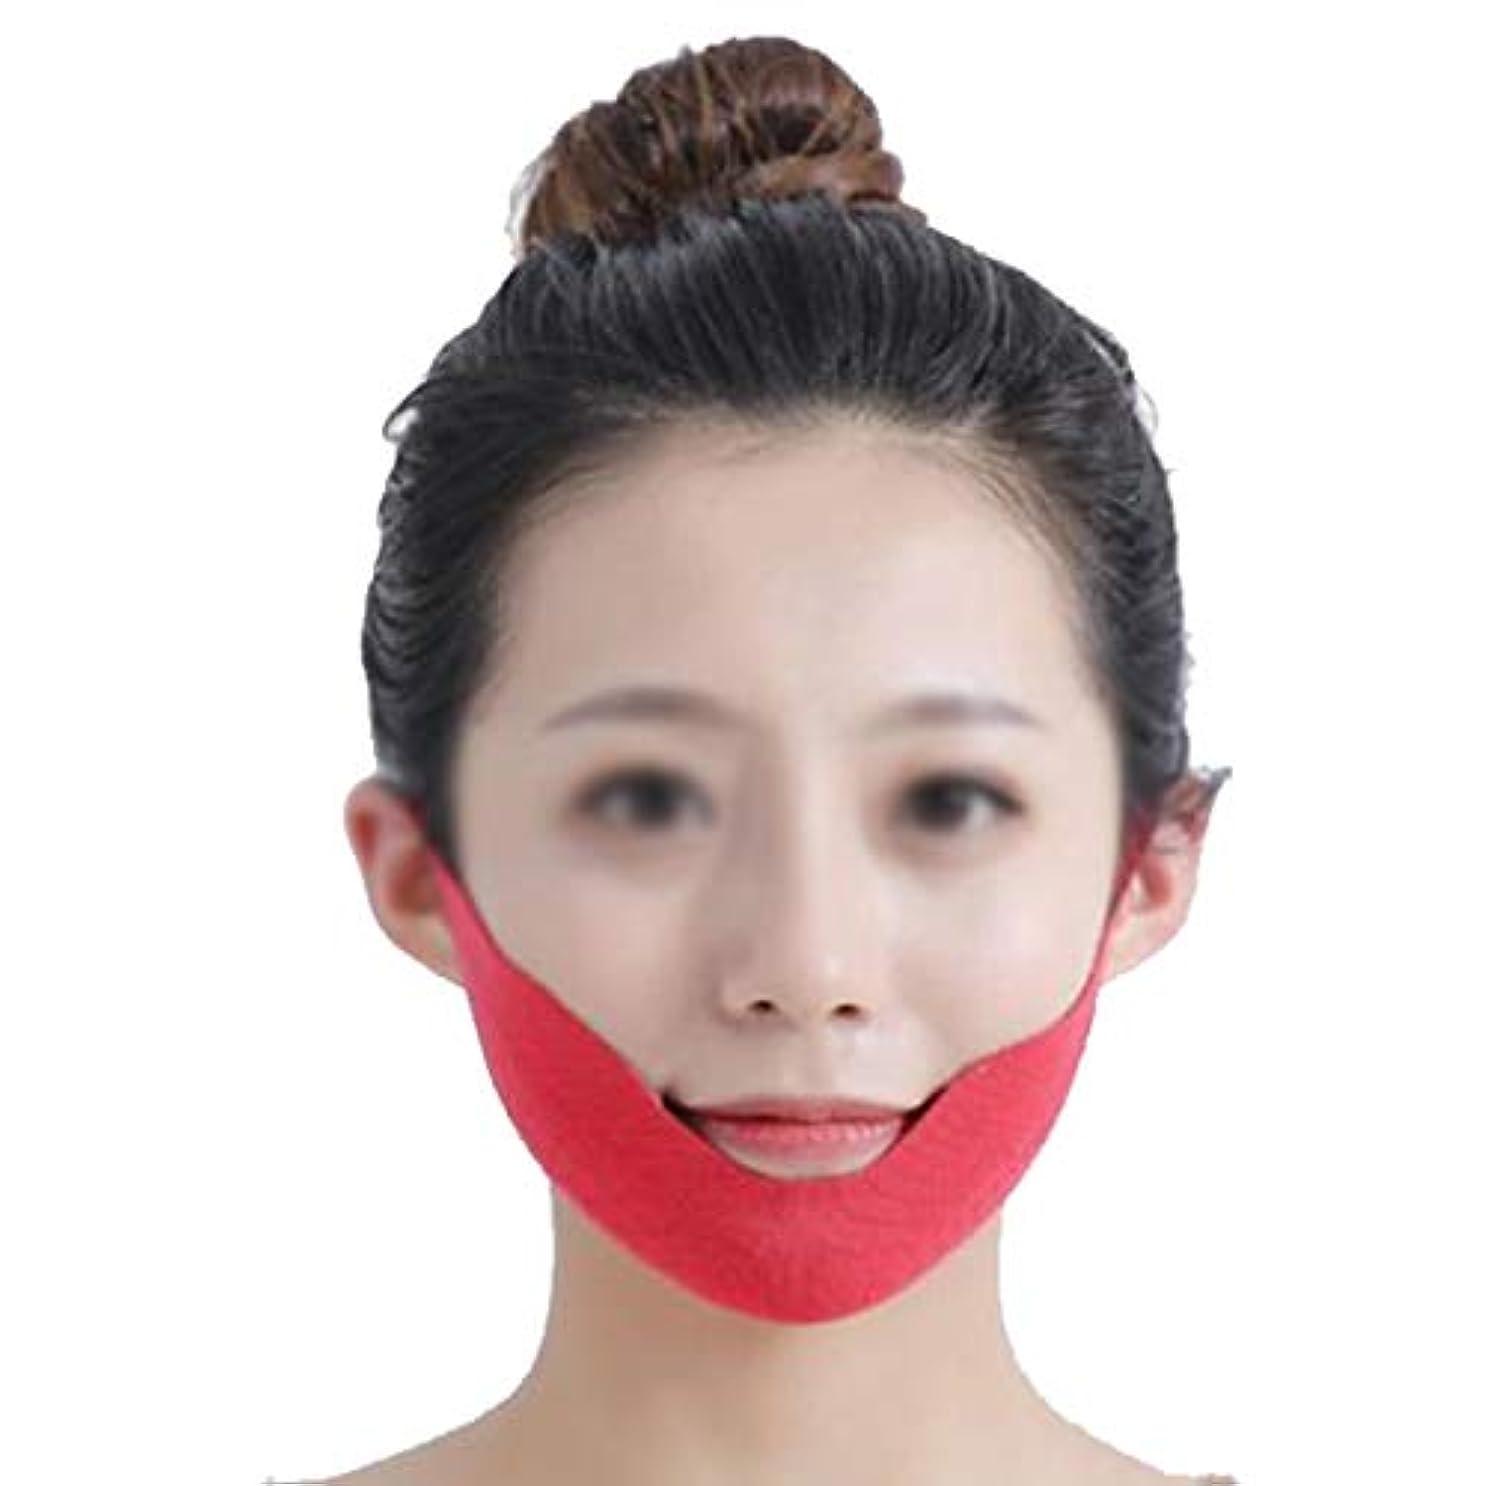 ライオネルグリーンストリートアルカイック伴うZWBD フェイスマスク, 薄いフェイスマスク小さなVフェイスマスクリフティングイヤーストラップ包帯アーティファクトペーストハイドロゲル